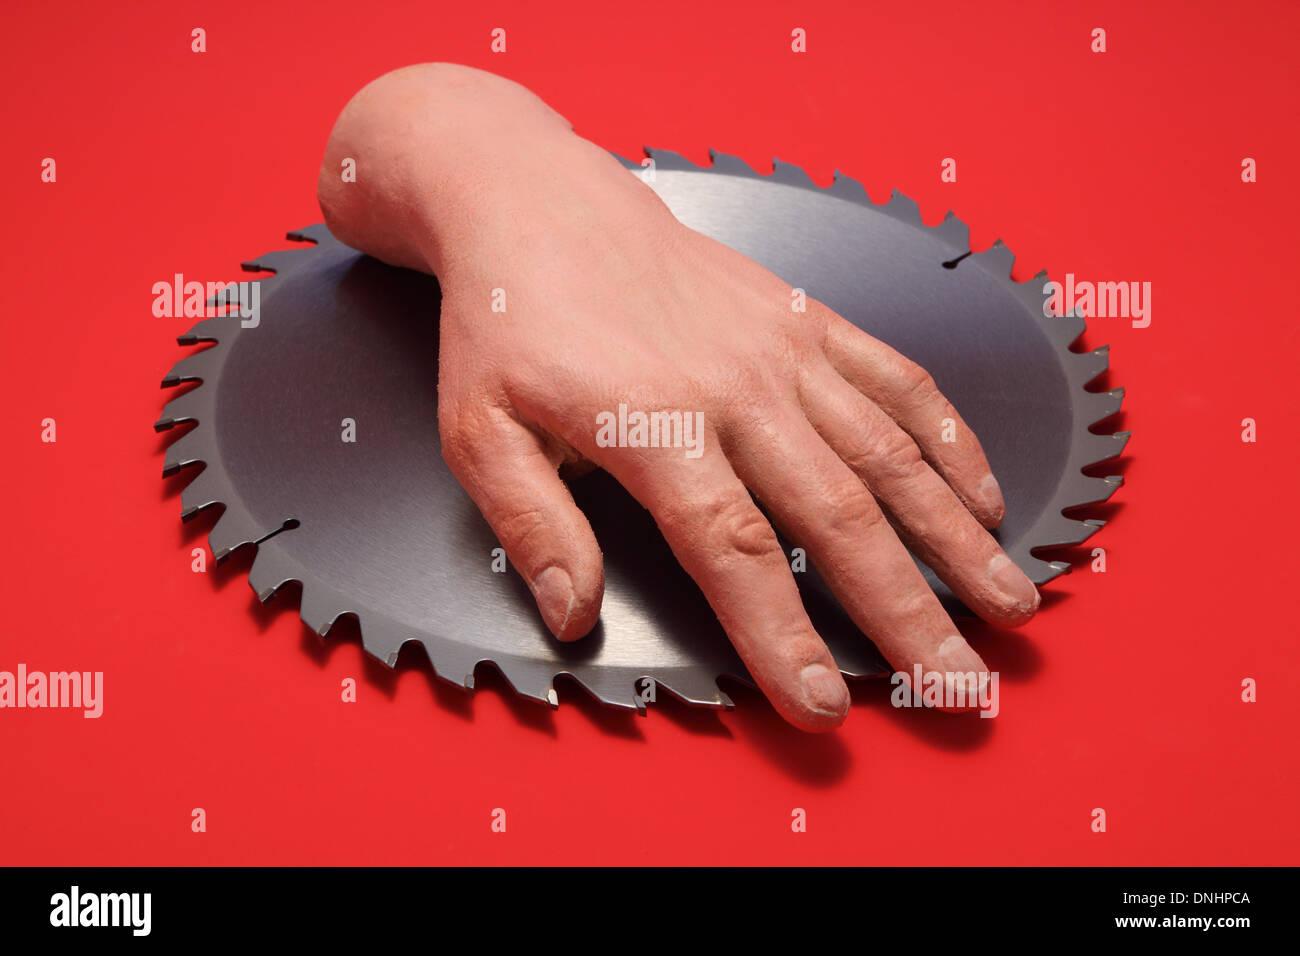 Una mano humana falsos sobre una hoja de sierra circular de metal con un fondo rojo. Imagen De Stock